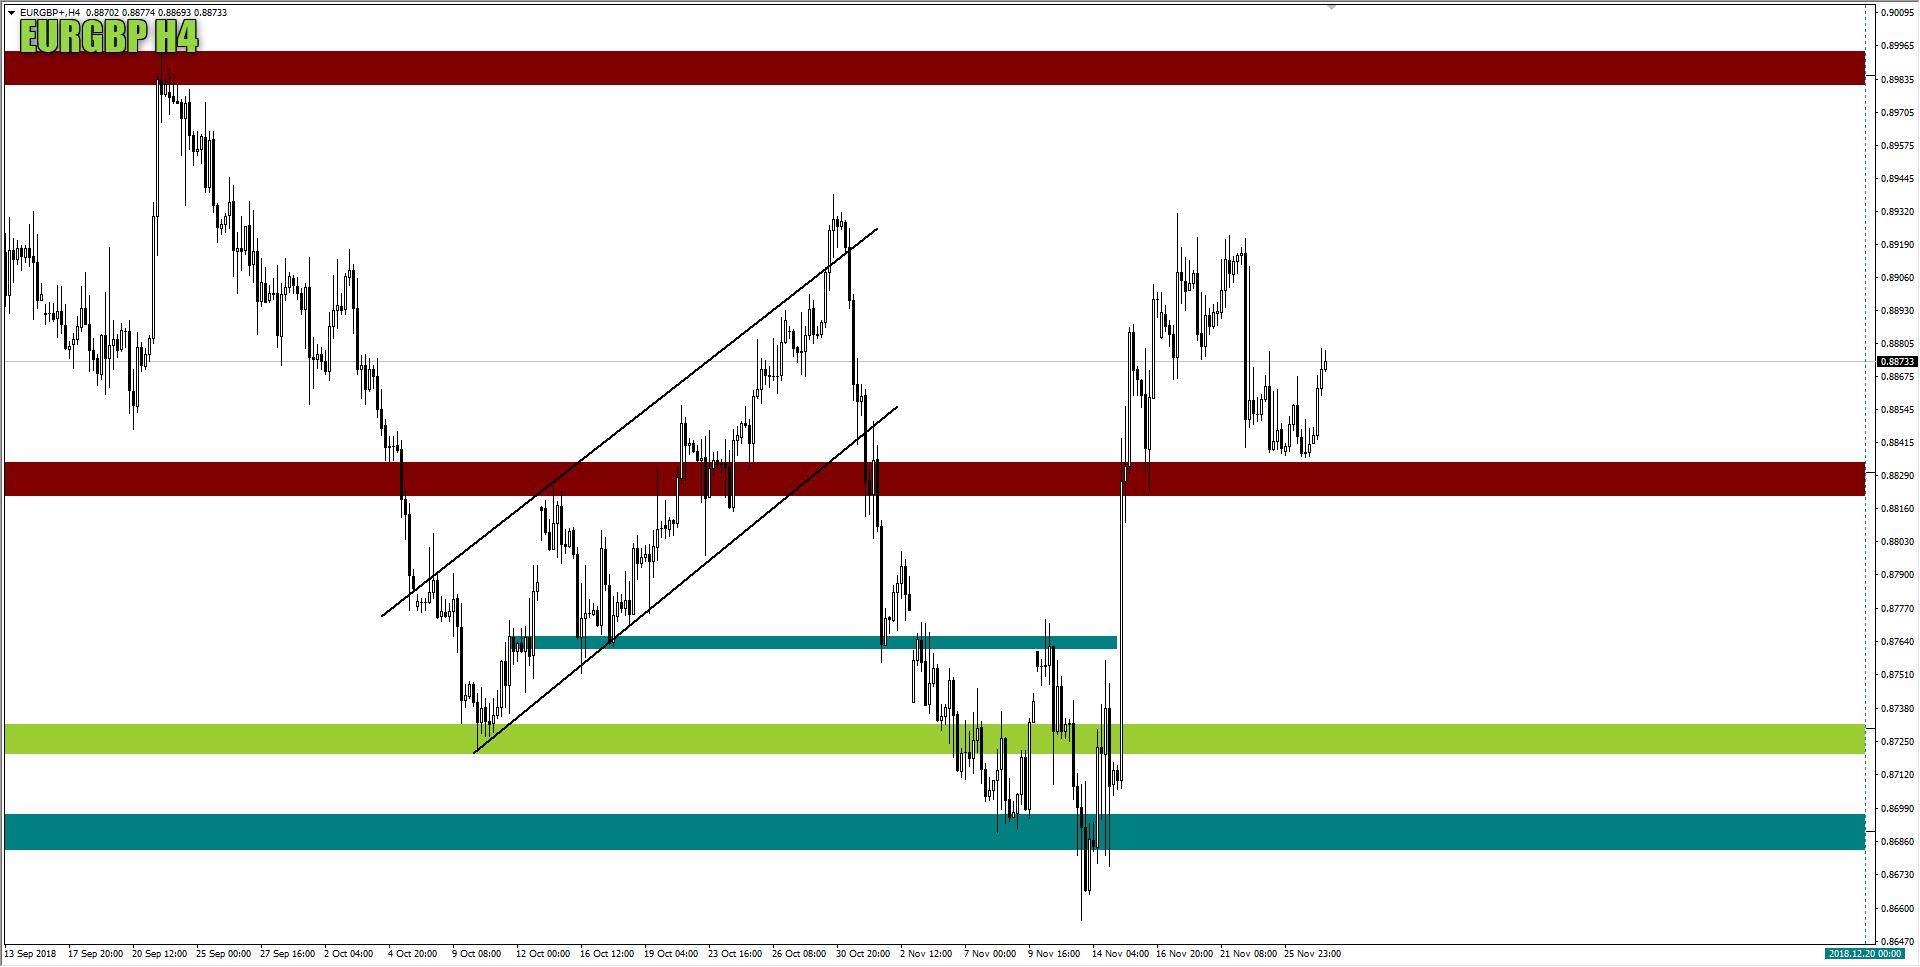 wykres EURGBP H4 27.11.2018